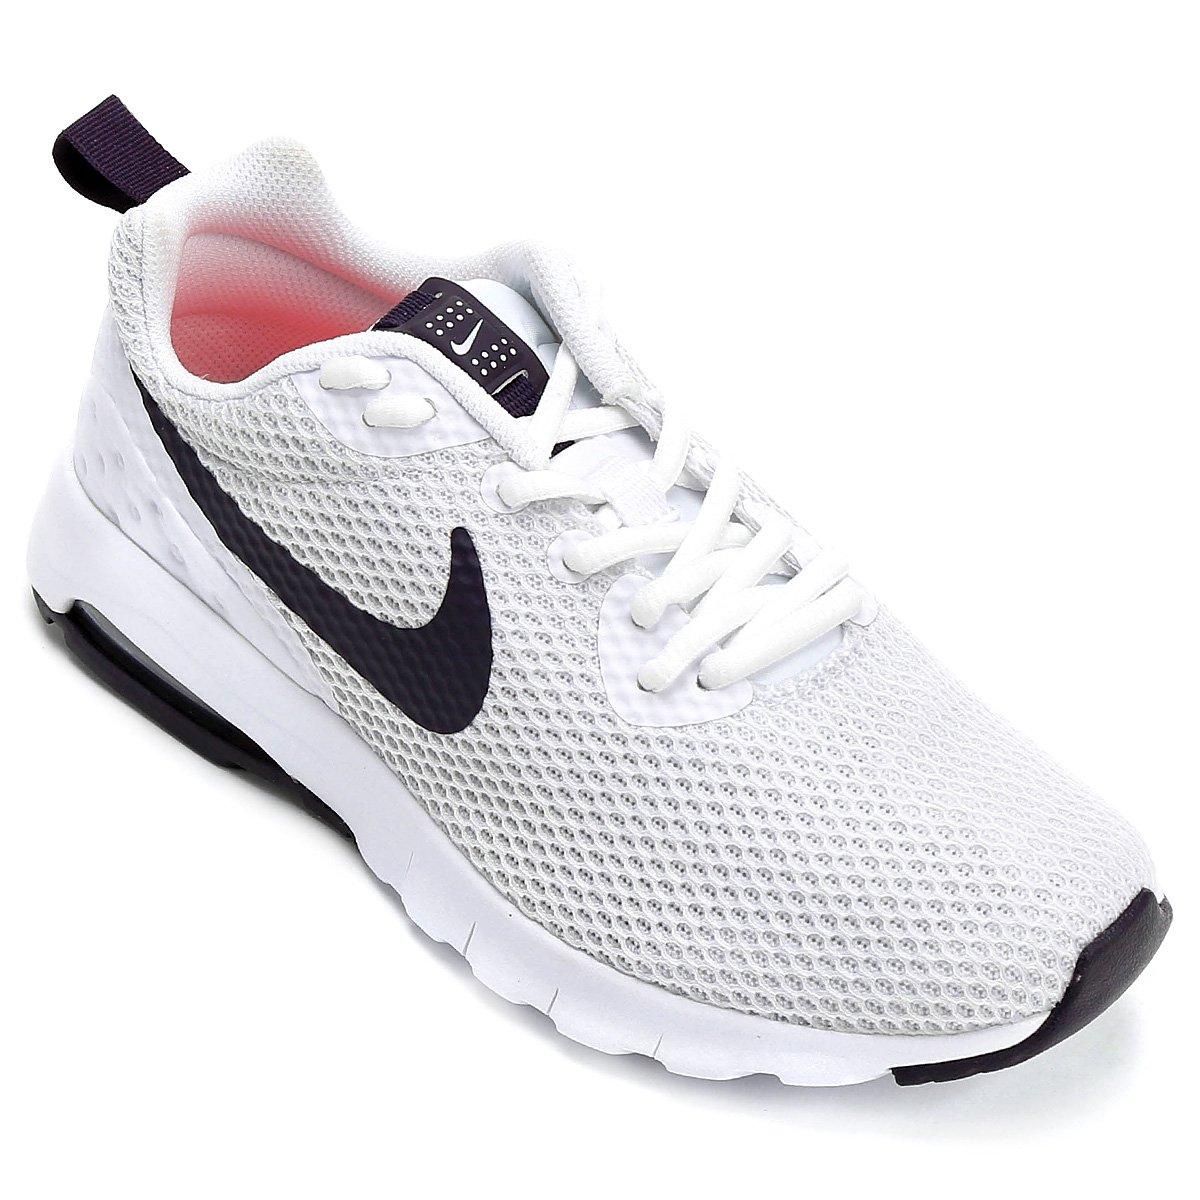 436bbdec8cc Tênis Nike Air Max Motion Lw Se Feminino - Compre Agora